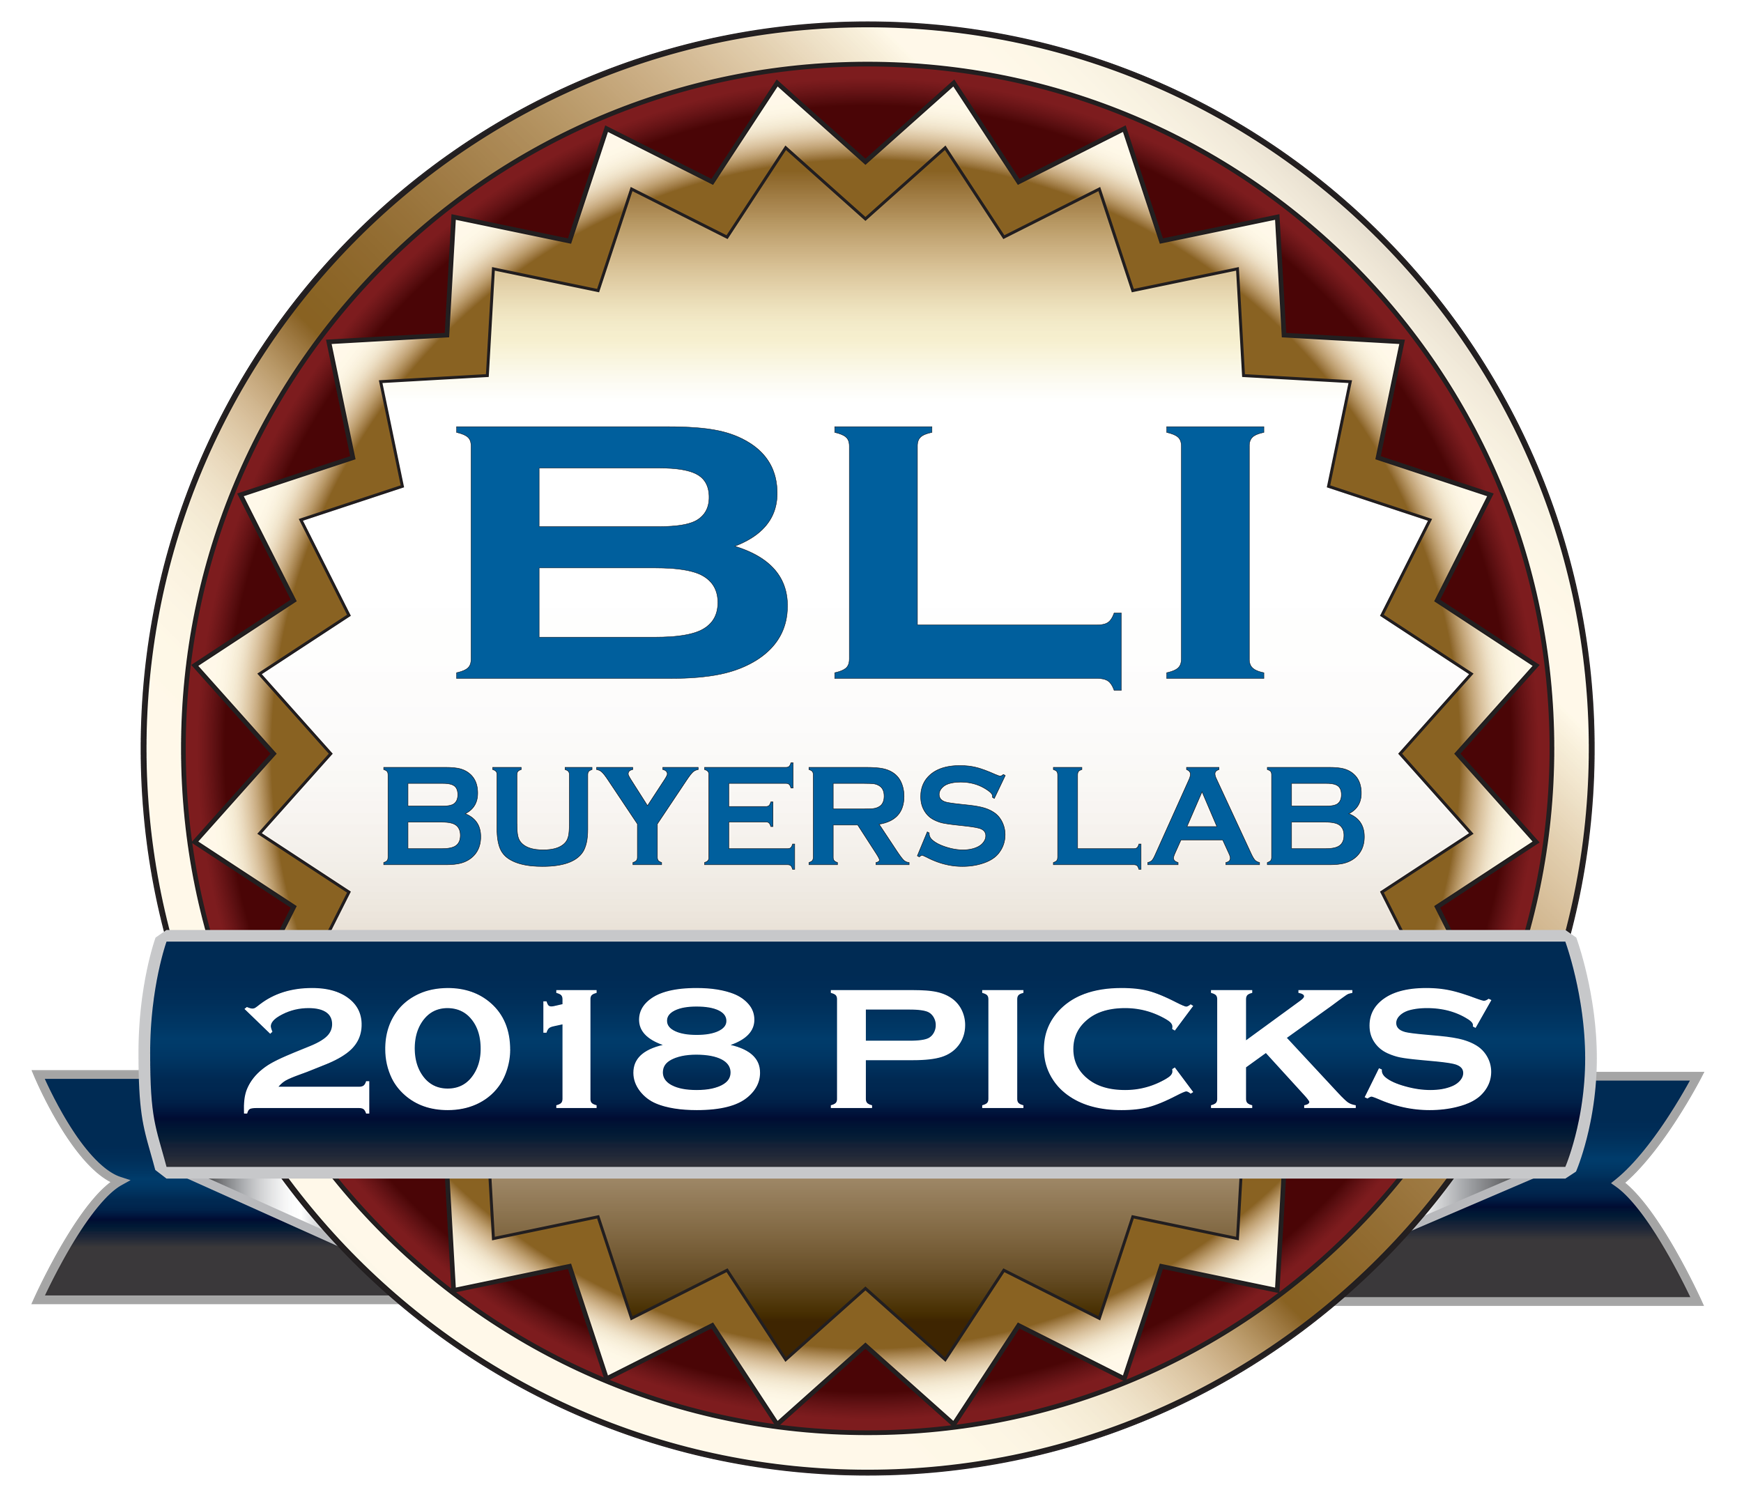 Door BLI uitverkozen tot beste Multifunctional in 2018